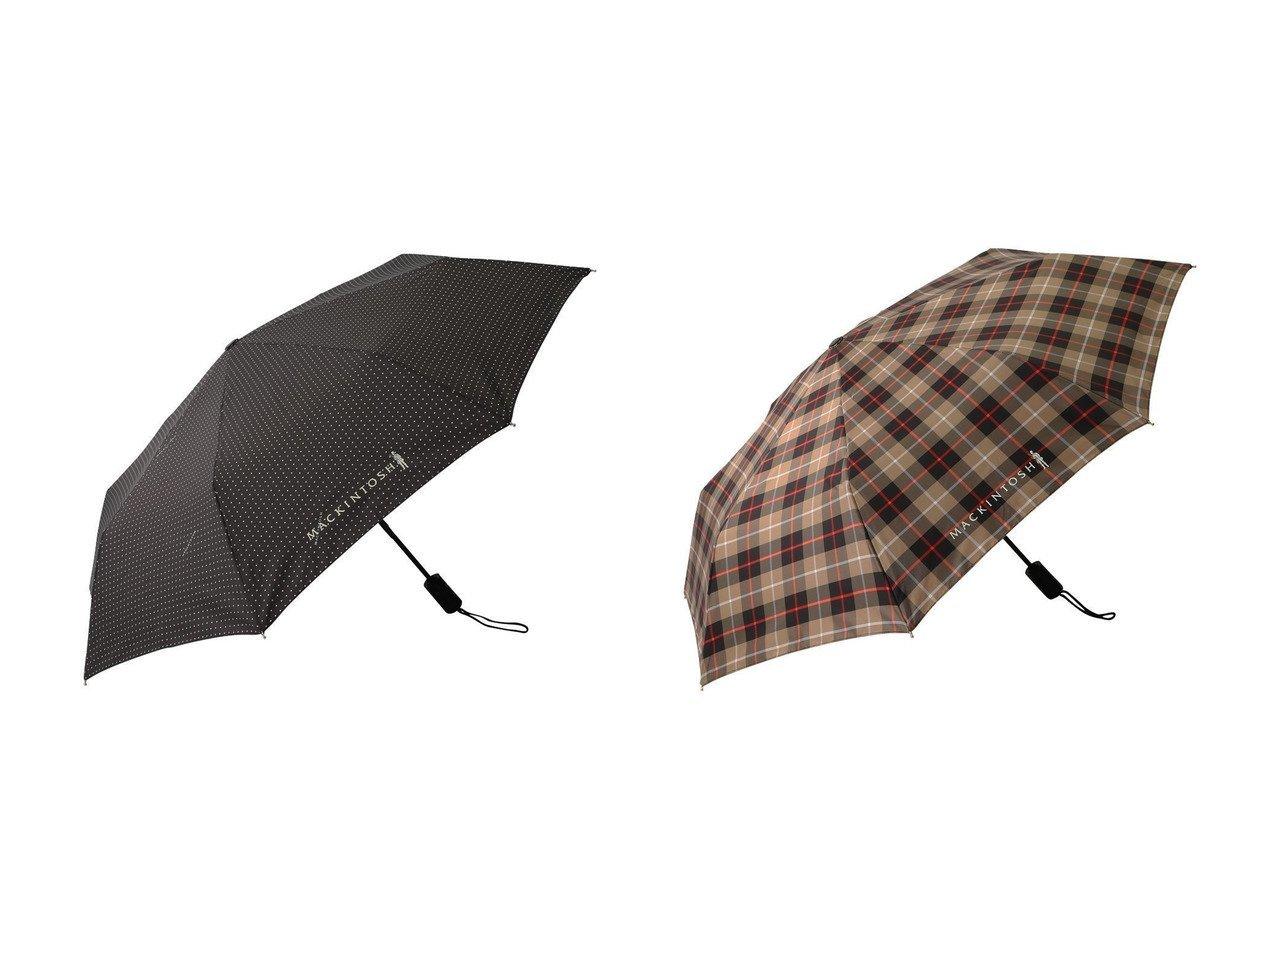 【martinique/マルティニーク】の【MACKINTOSH】折りたたみ傘&【MACKINTOSH】折りたたみ傘 おすすめ!人気、トレンド・レディースファッションの通販 おすすめで人気の流行・トレンド、ファッションの通販商品 インテリア・家具・メンズファッション・キッズファッション・レディースファッション・服の通販 founy(ファニー) https://founy.com/ ファッション Fashion レディースファッション WOMEN 傘 / レイングッズ Umbrellas/Rainwear おすすめ Recommend コンパクト シンプル チェック ハンカチ フェミニン プリント ベーシック 傘 時計 軽量 |ID:crp329100000072241